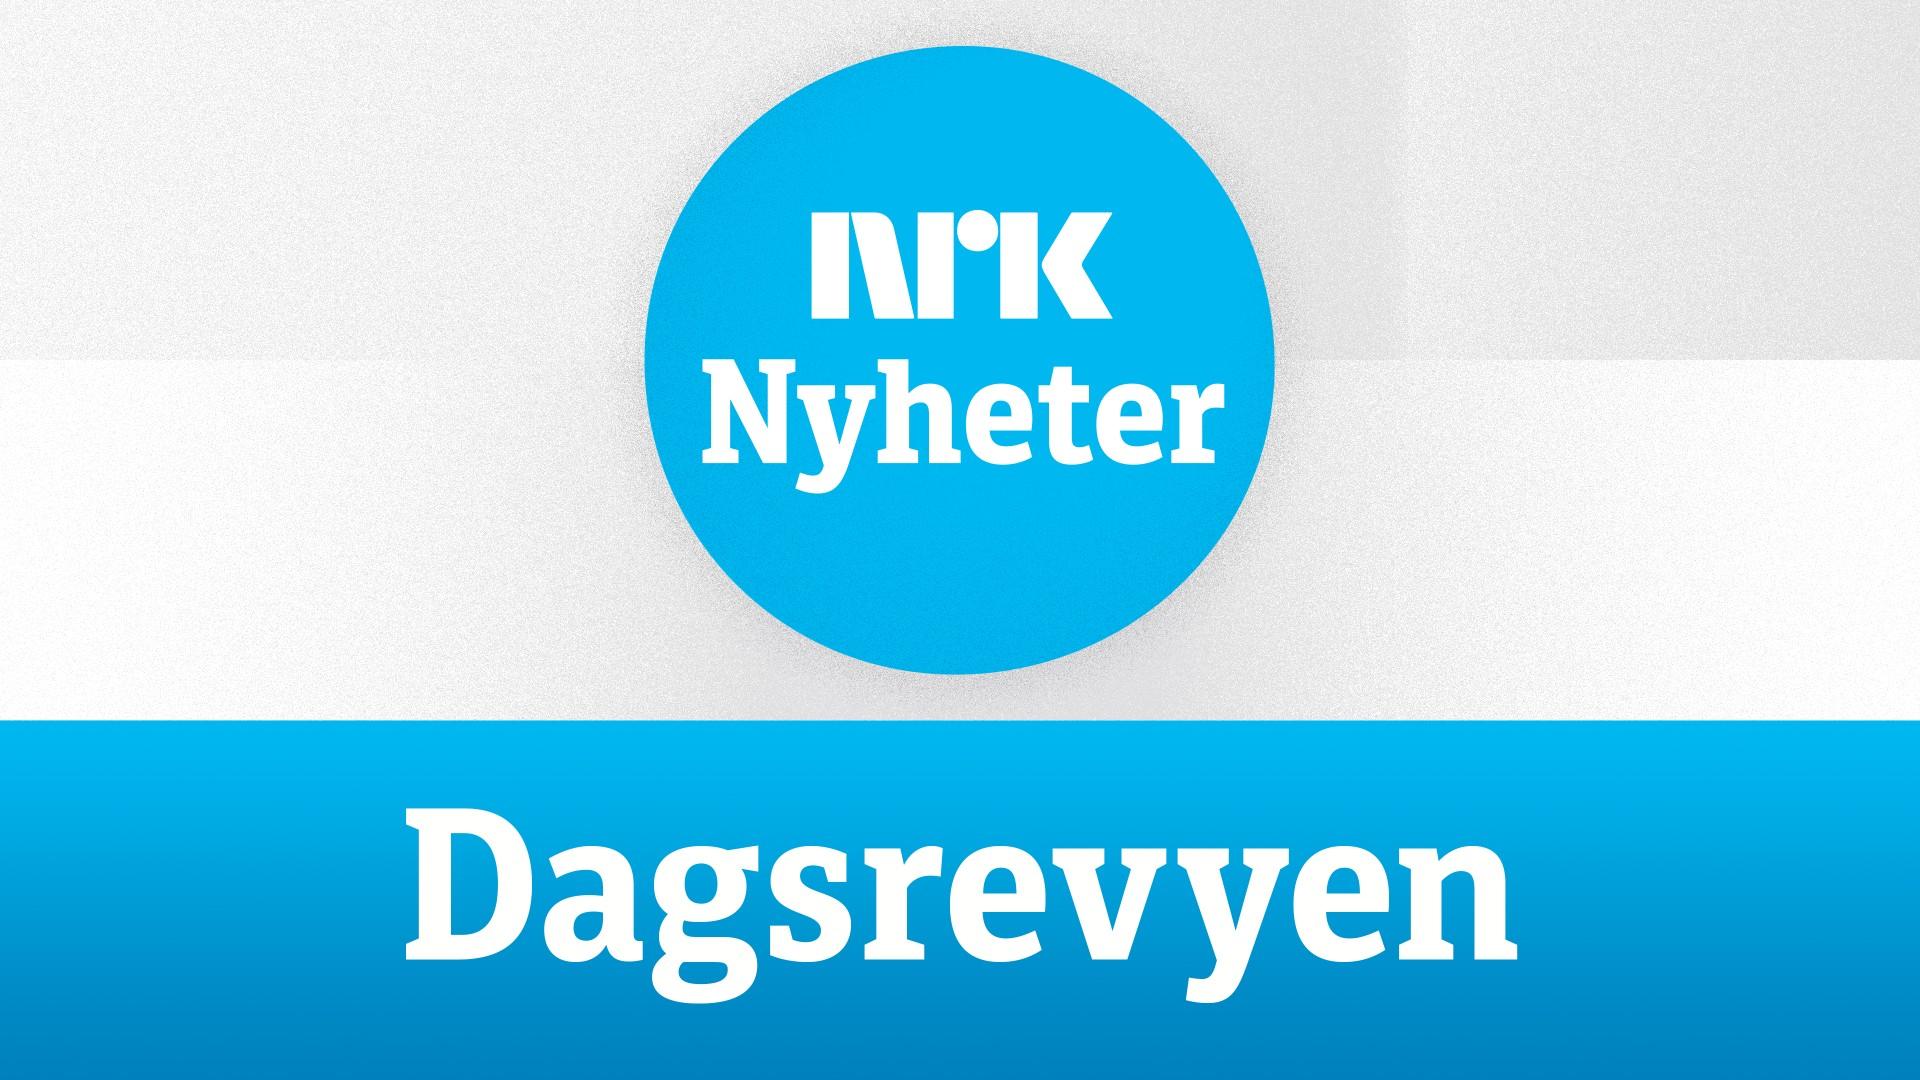 Nrk Tv Dagsrevyen